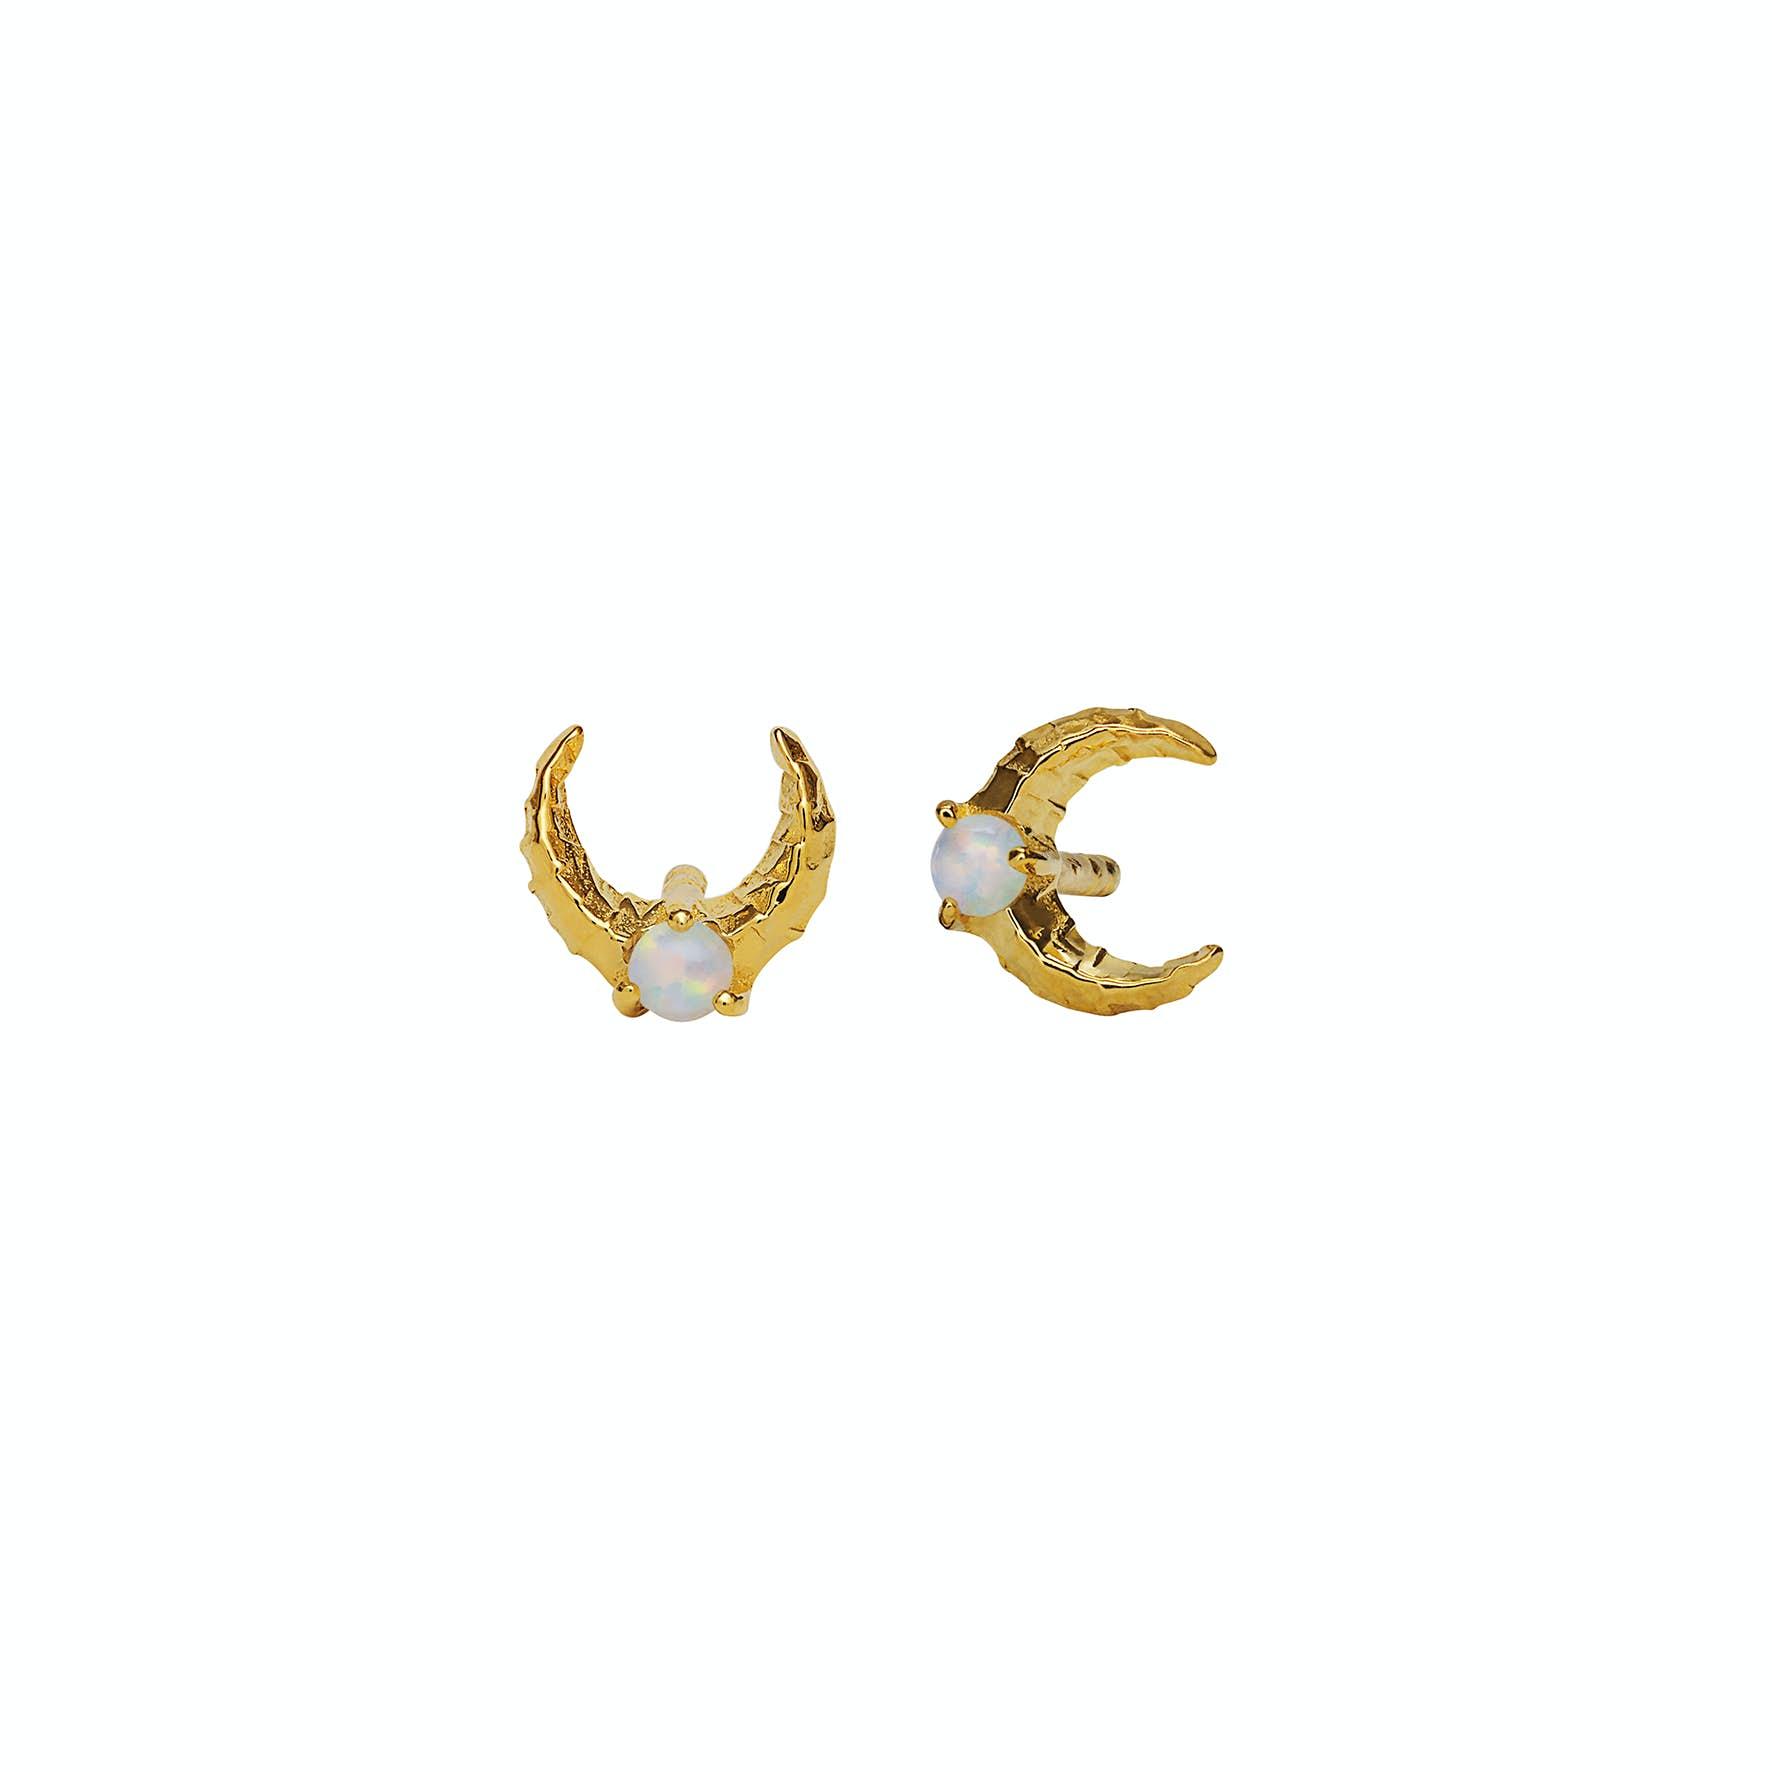 Nynette Earrings von Maanesten in Vergoldet-Silber Sterling 925